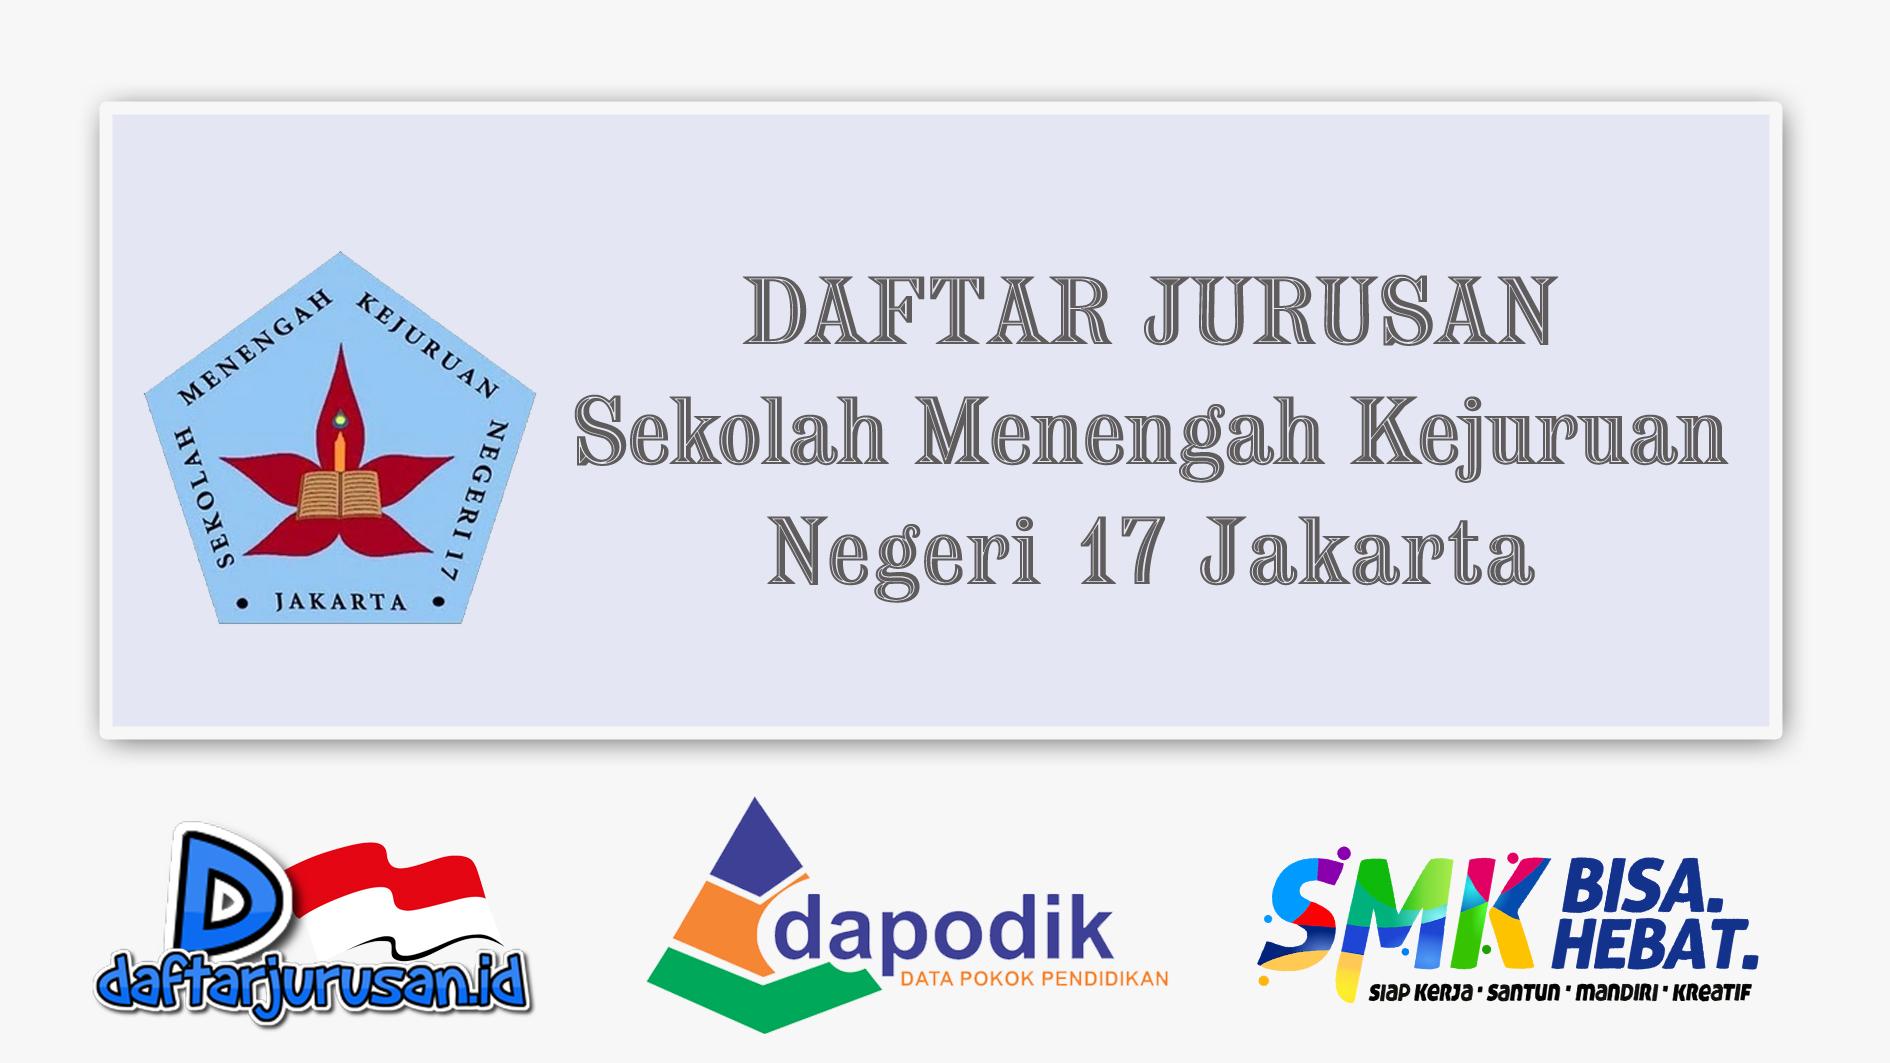 Daftar Jurusan SMK Negeri 17 Jakarta Barat